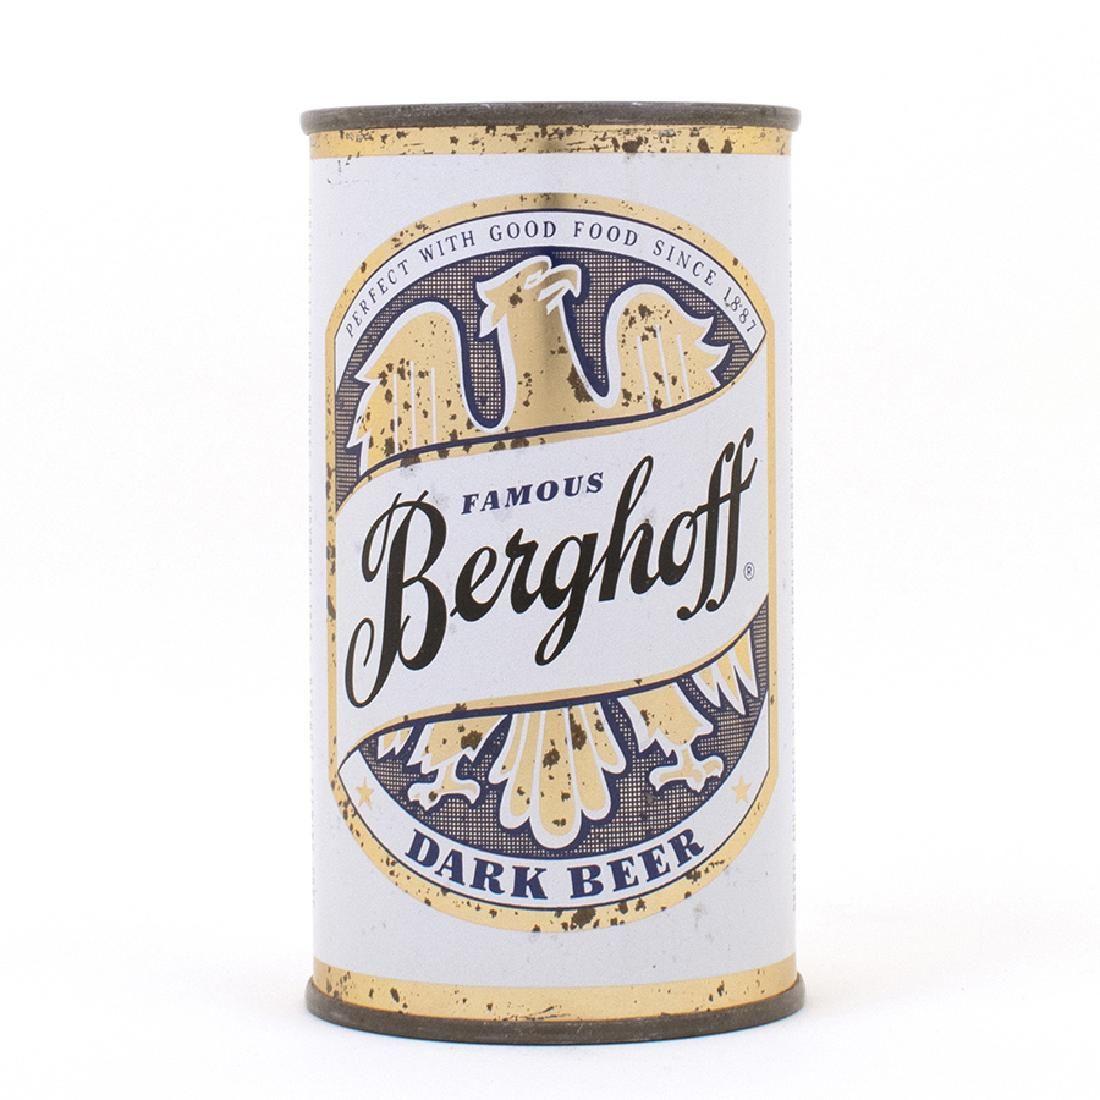 Berghoff Dark Beer Flat Top Can